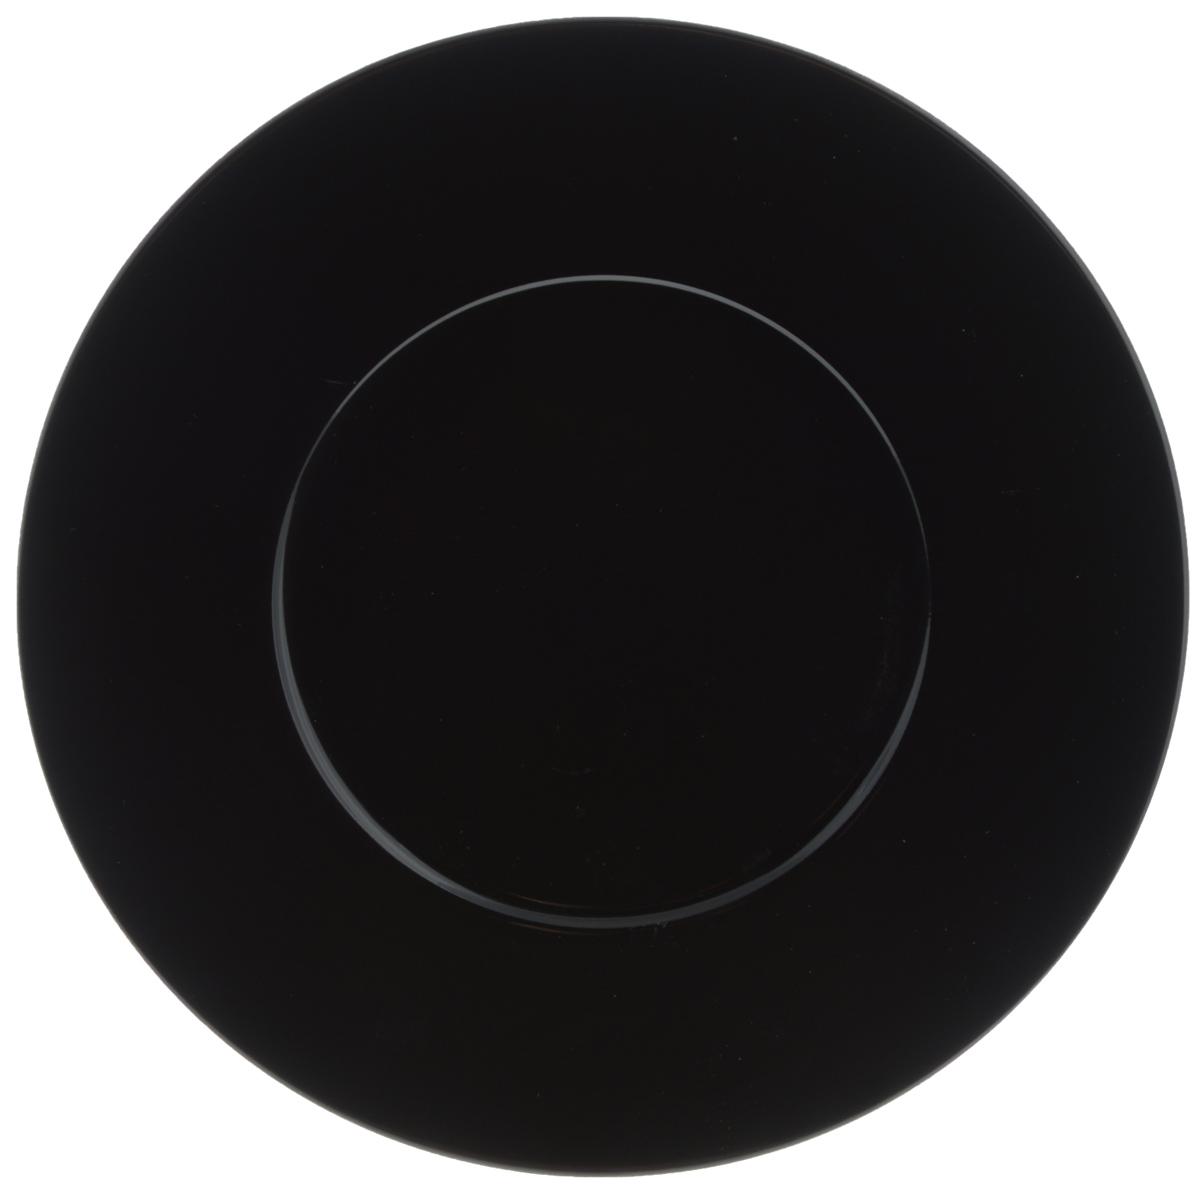 Тарелка обеденная Yves De La Rosiere Putoisage, цвет: черный, диаметр 27 см830127 3063Обеденная тарелка Yves De La Rosiere Putoisage, изготовленная из высококачественного фарфора, имеет изысканный внешний вид. Такой дизайн придется по вкусу и ценителям классики, и тем, кто предпочитает утонченность. Тарелка Yves De La Rosiere Putoisage идеально подойдет для сервировки стола и станет отличным подарком к любому празднику.